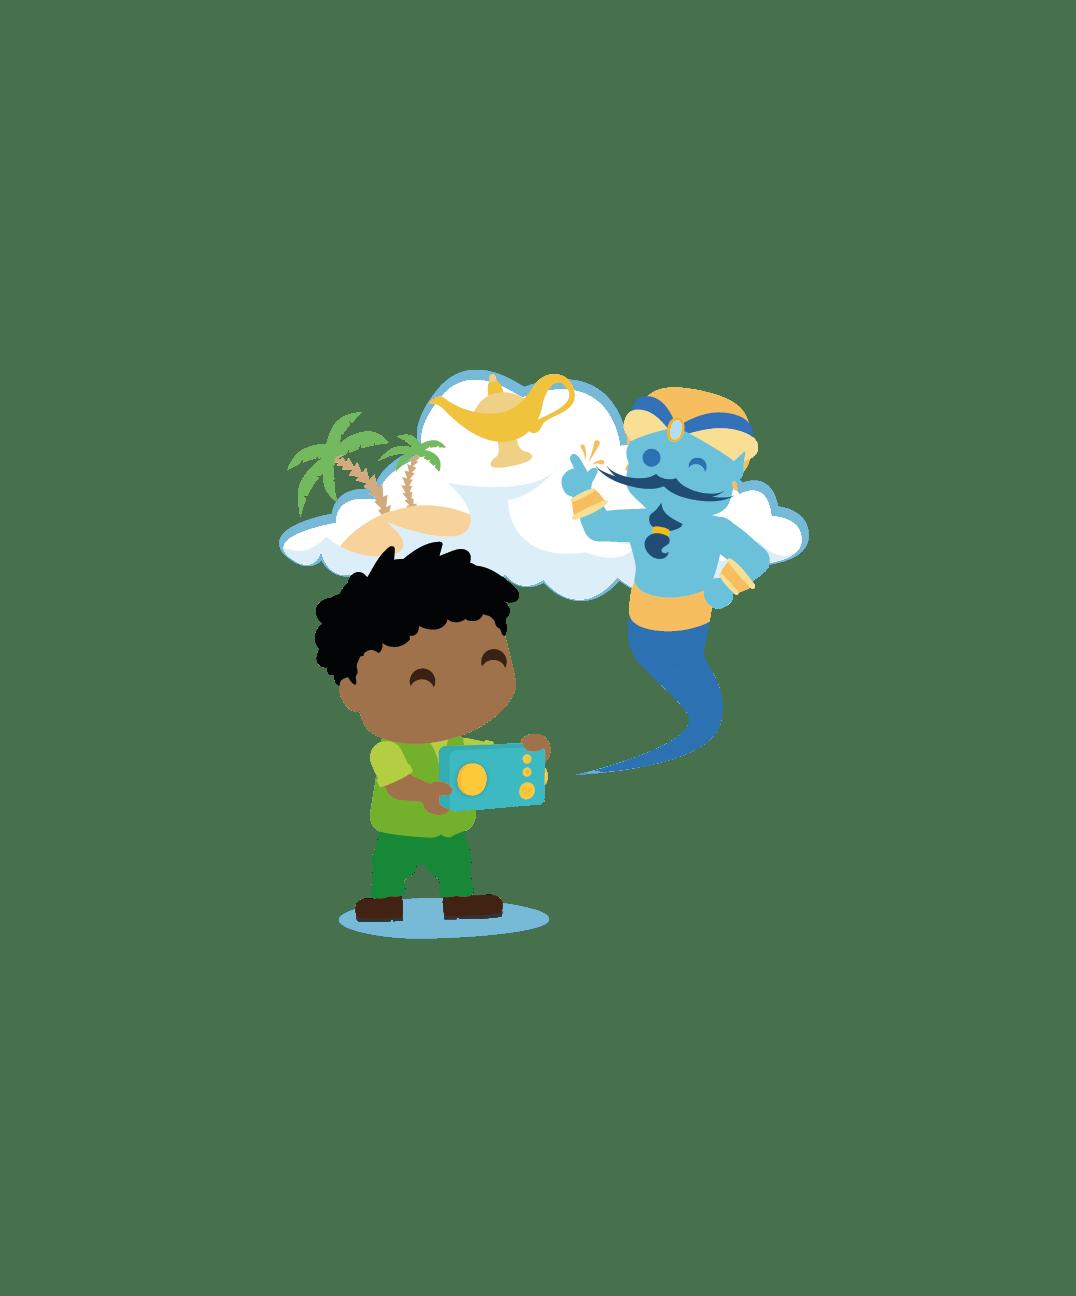 Ma Fabrique à Histoires permet aux enfants de participer à l'aventure de leurs héros; découvrir de nouveaux amis, animaux et lieux; apprendre des langues; voyager à travers le monde; être inspiré; développez de nouvelles compétences sociales… Un monde de possibilités s'offre à eux!